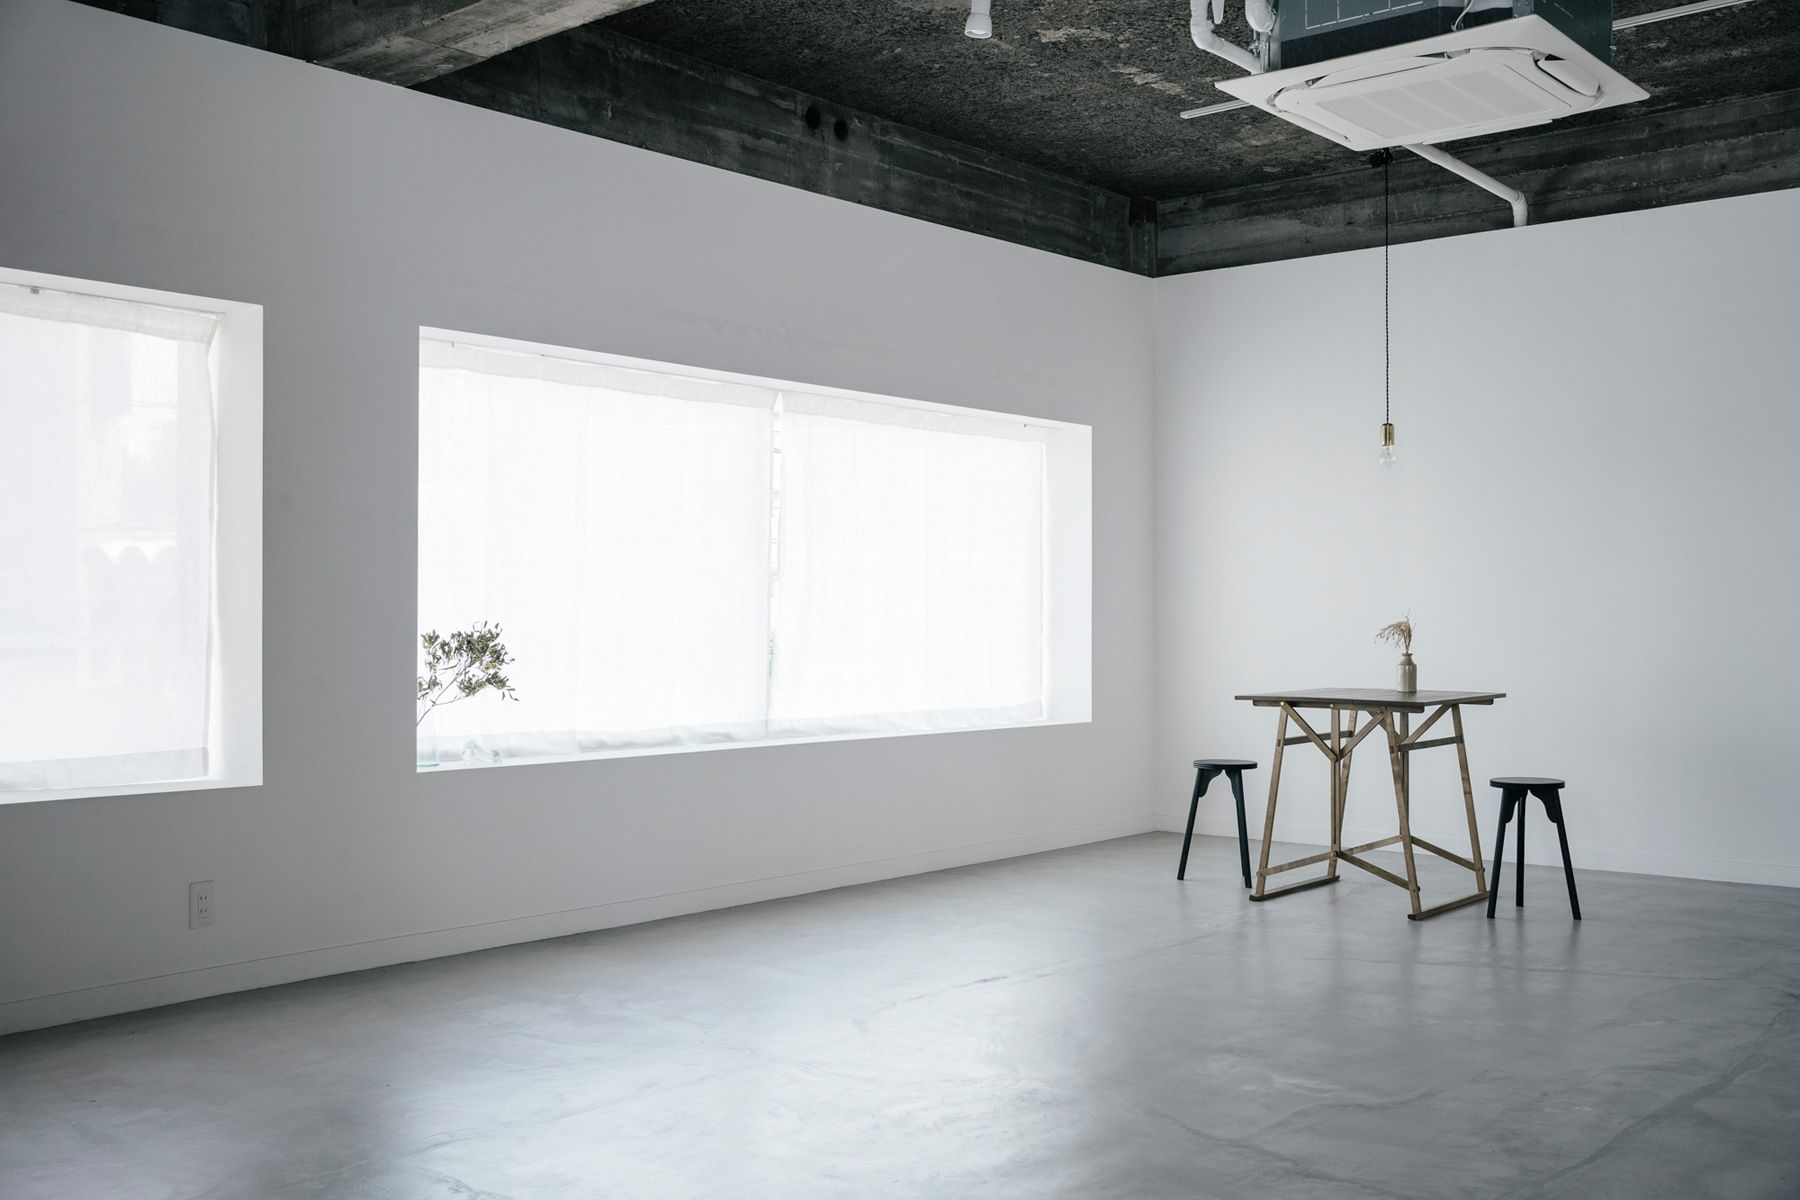 ferme studio 2nd floor (フェルム スタジオ)